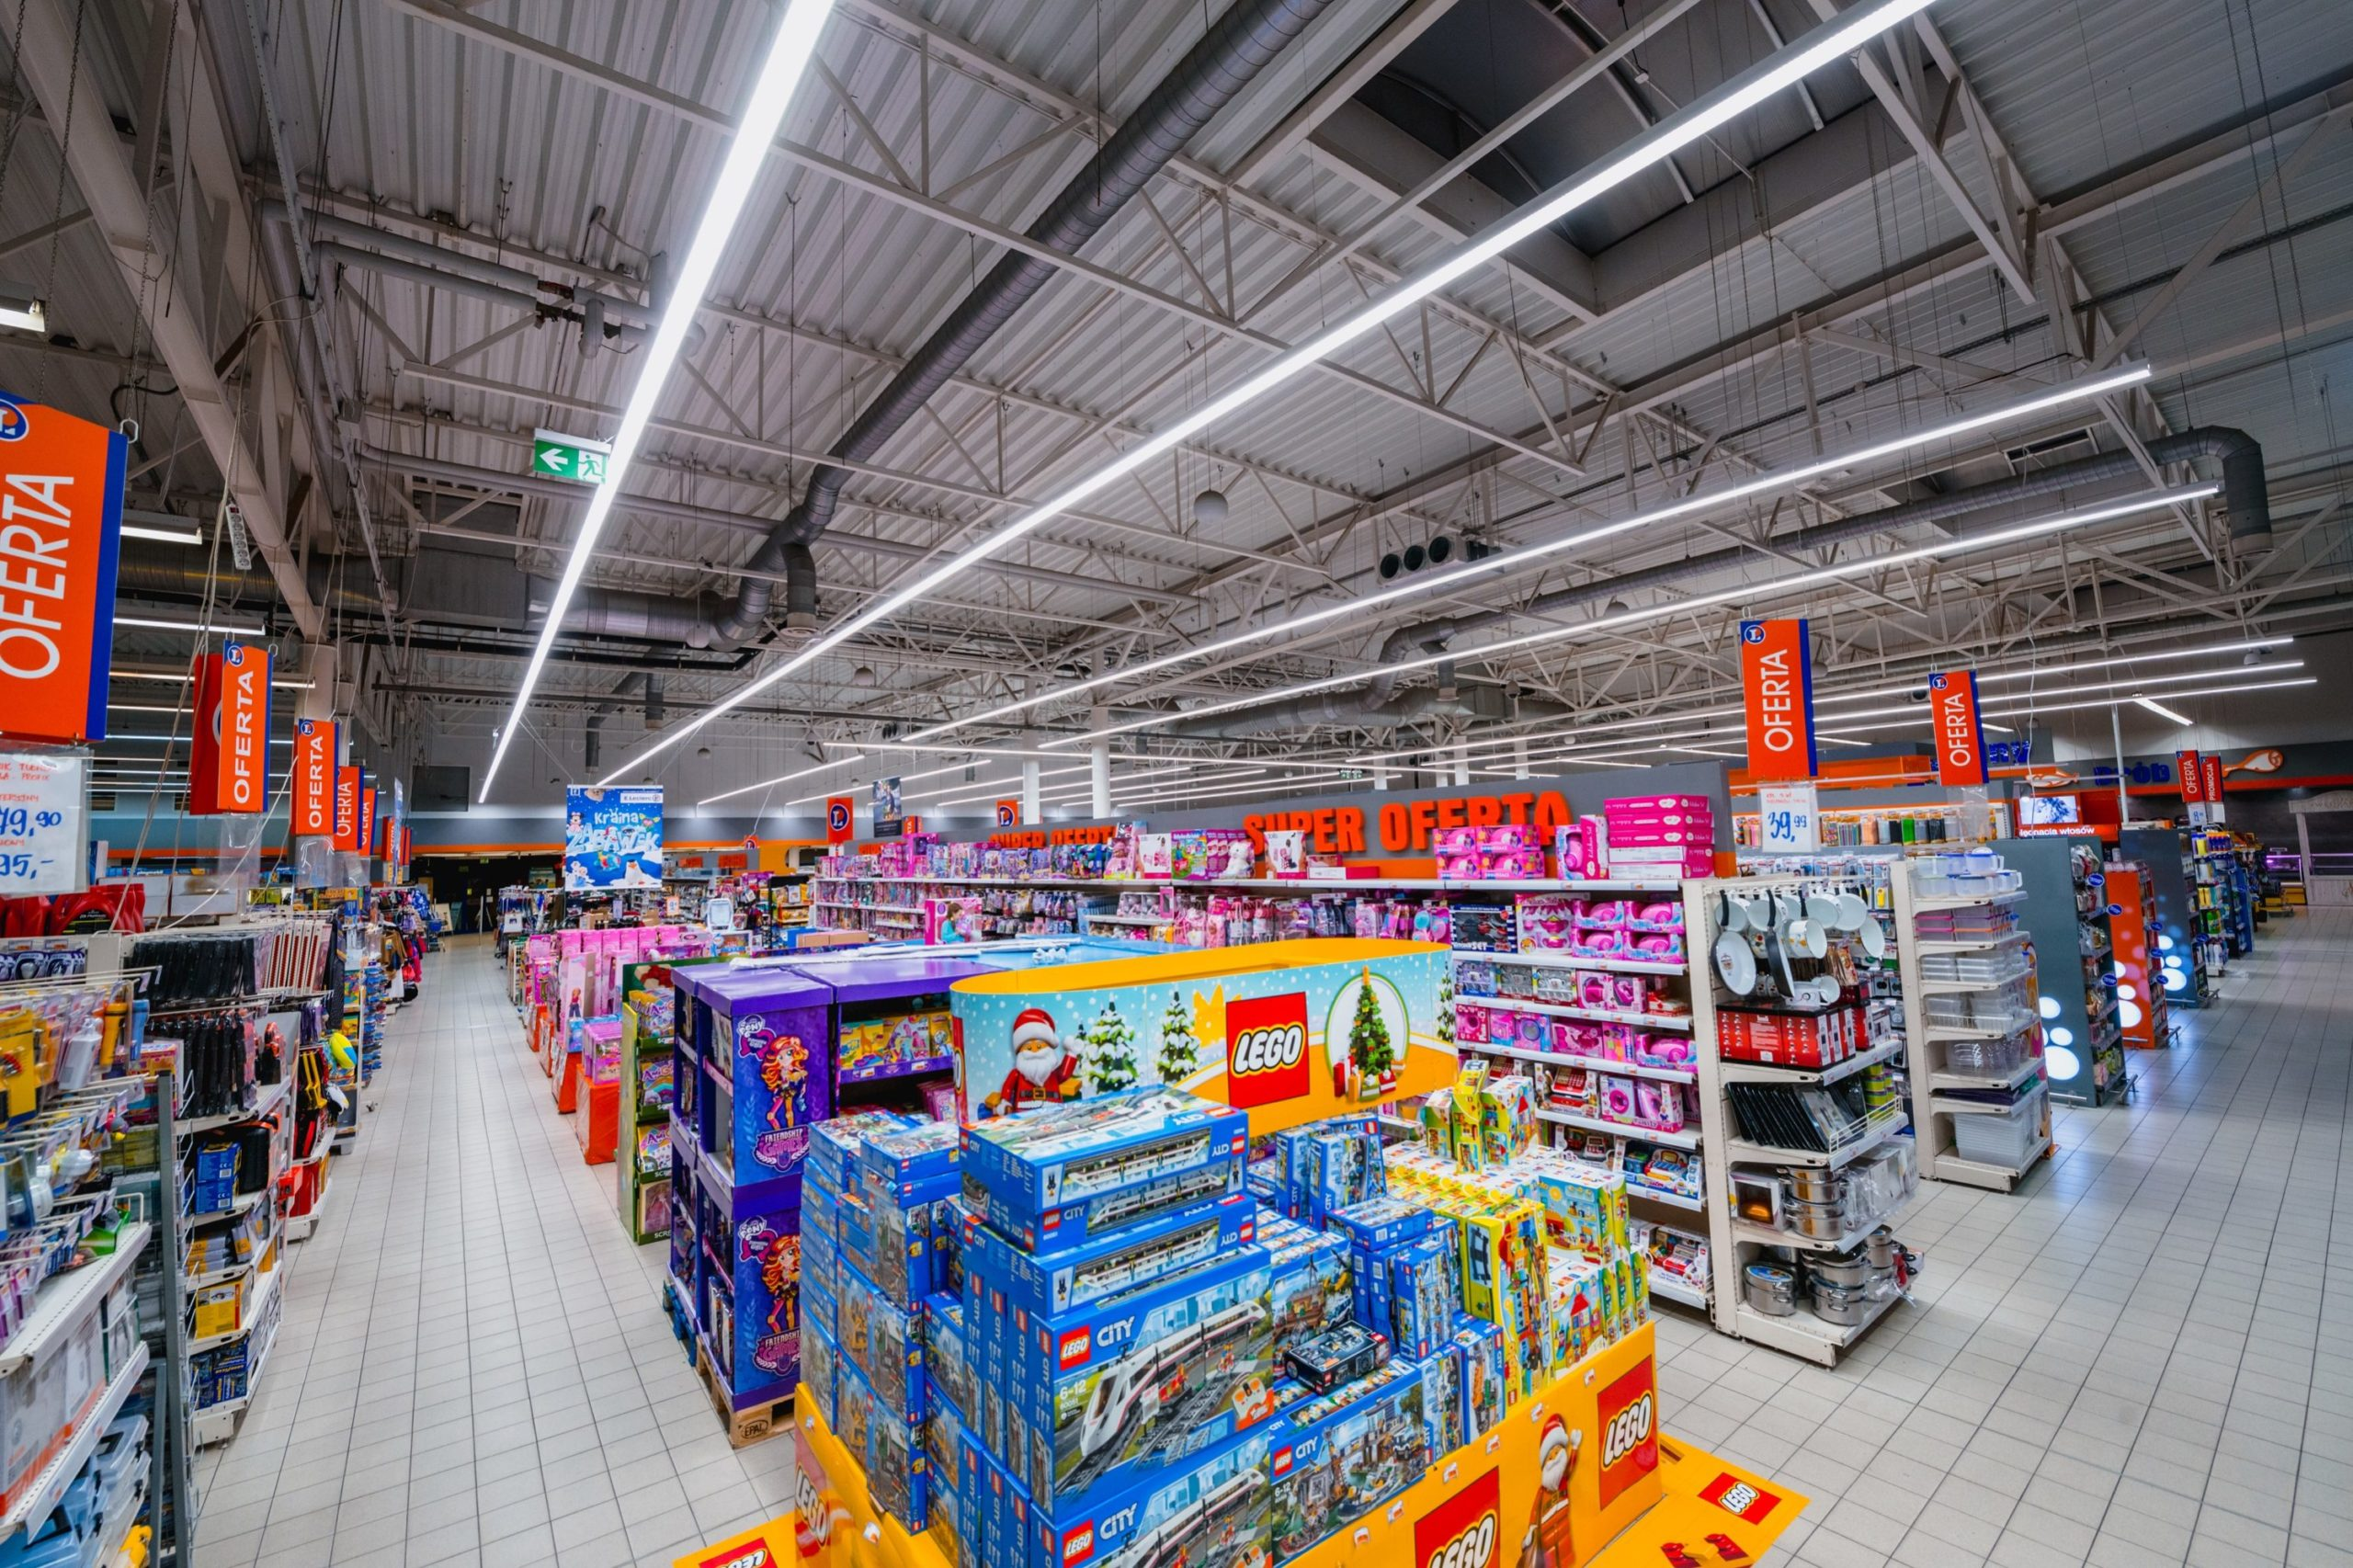 Oprawy Lumiline w sklepie Leclerc - Luxon LED